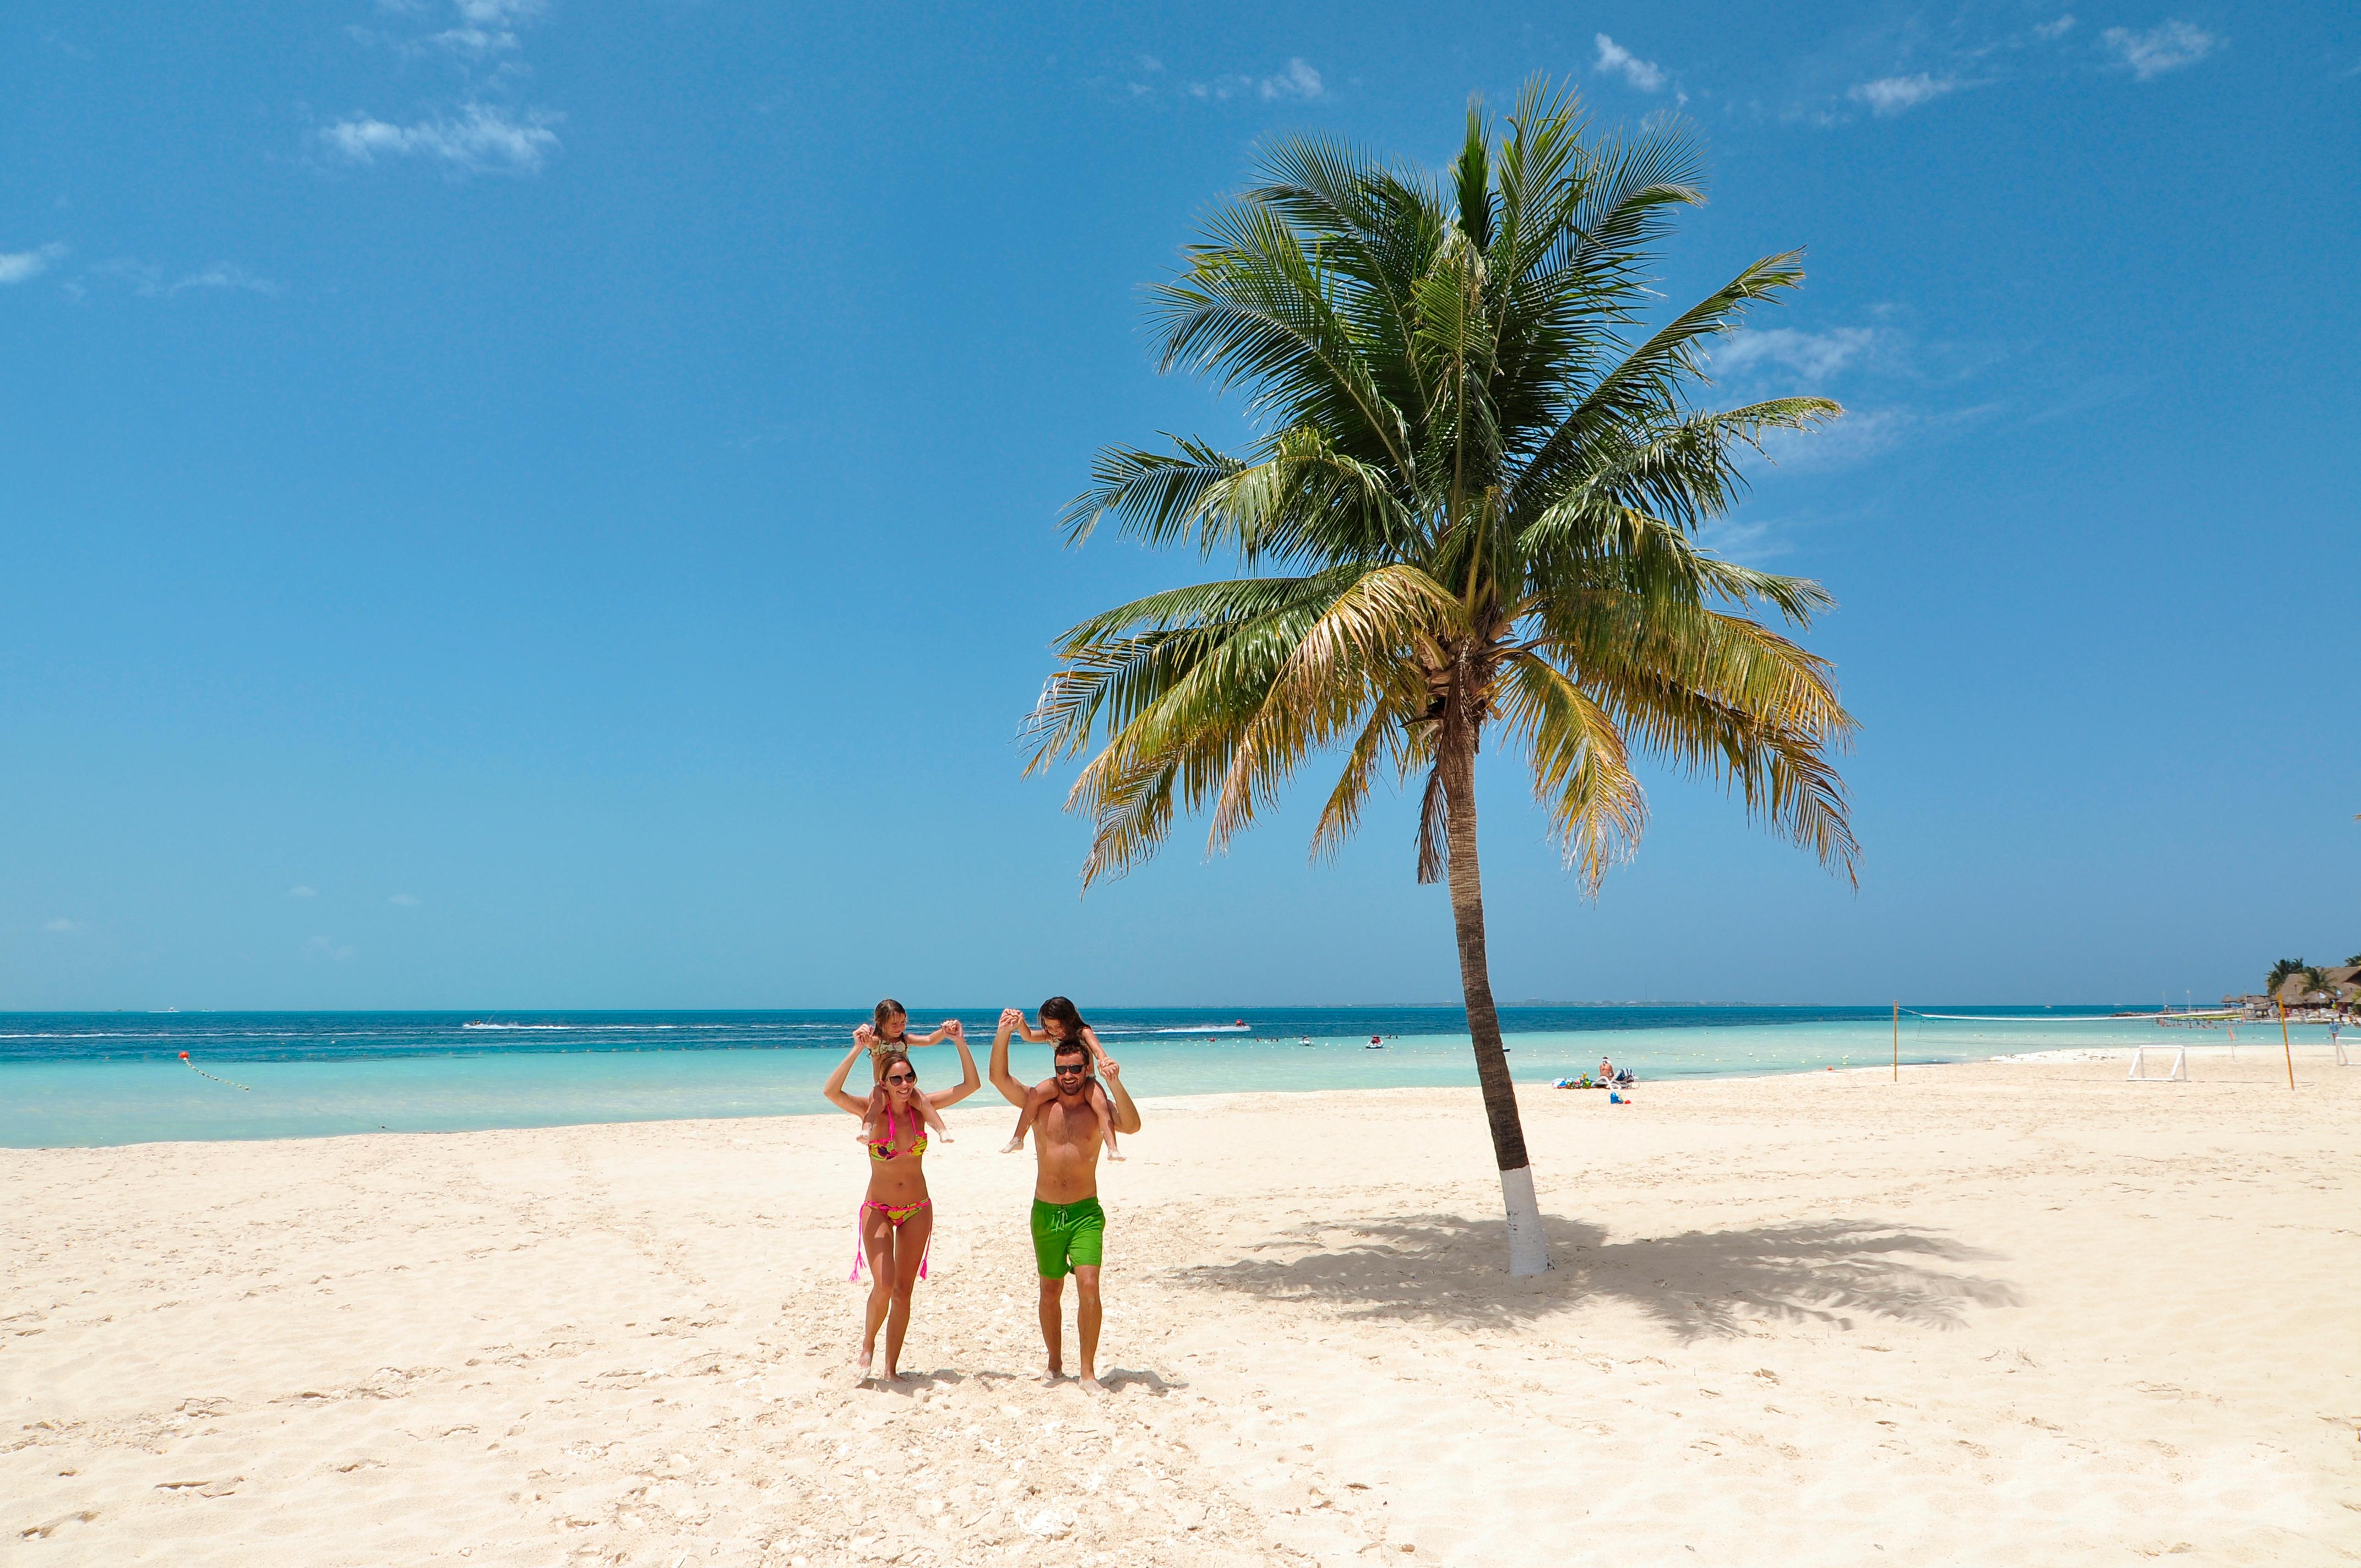 Visita Cancún | El sitio web oficial de turismo de Cancún, México